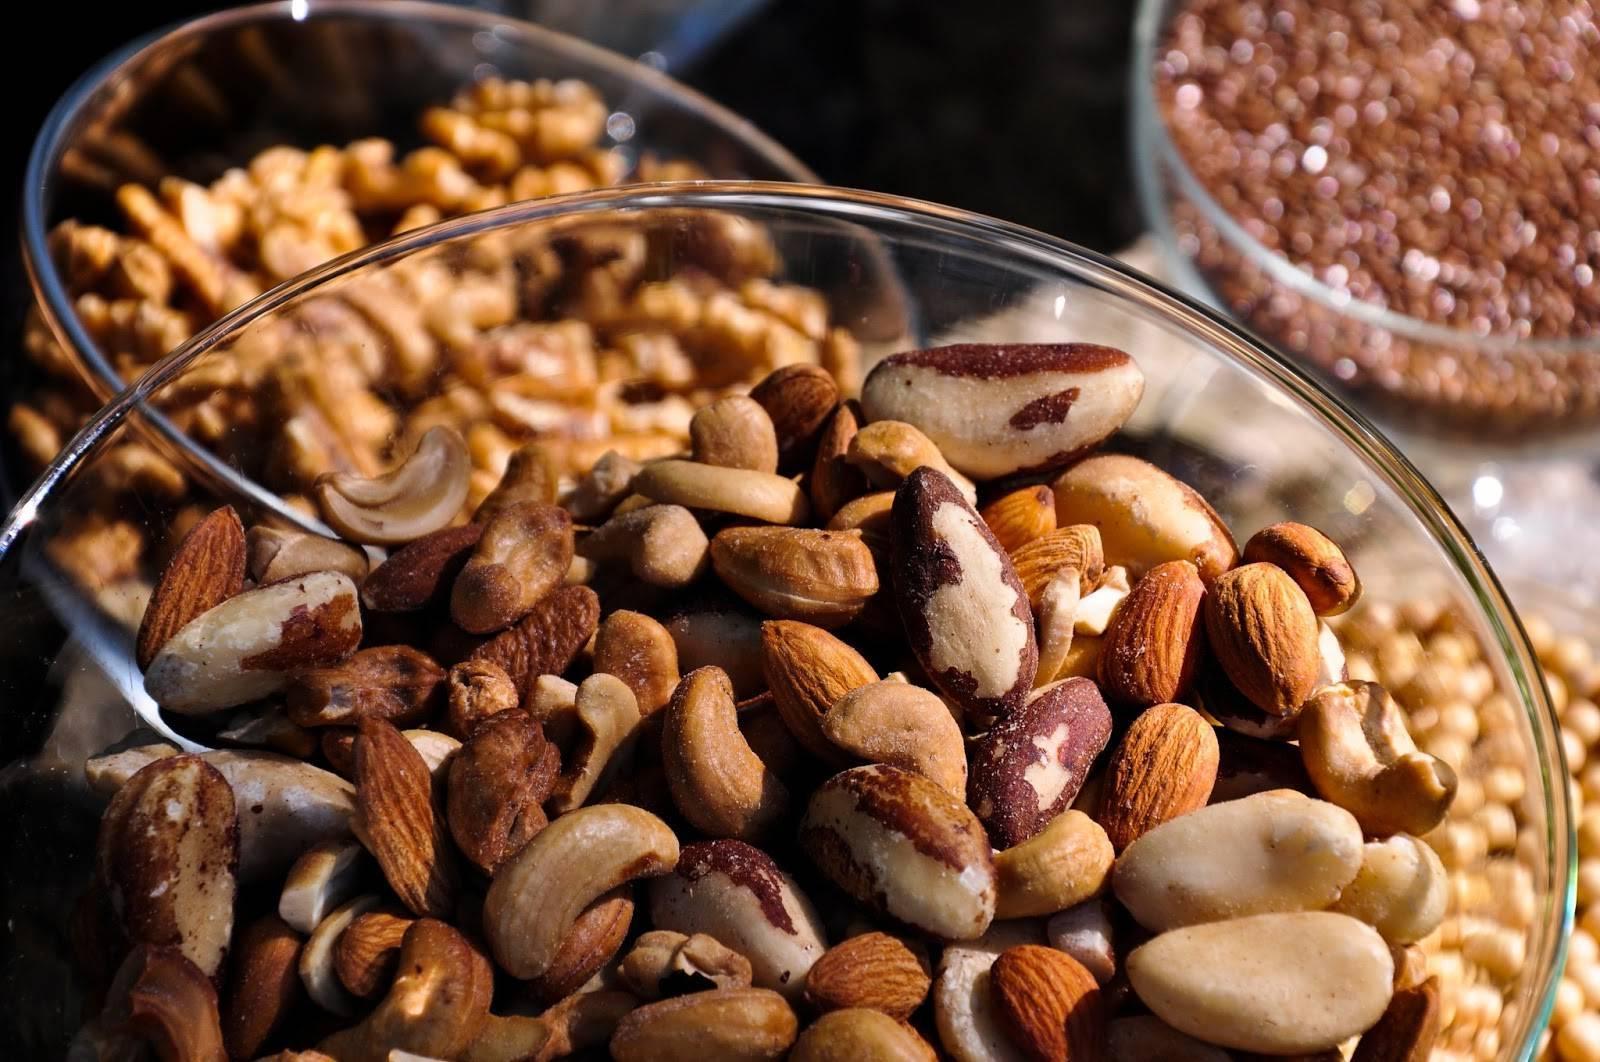 Selênio: O Que É, Benefícios e Alimentos